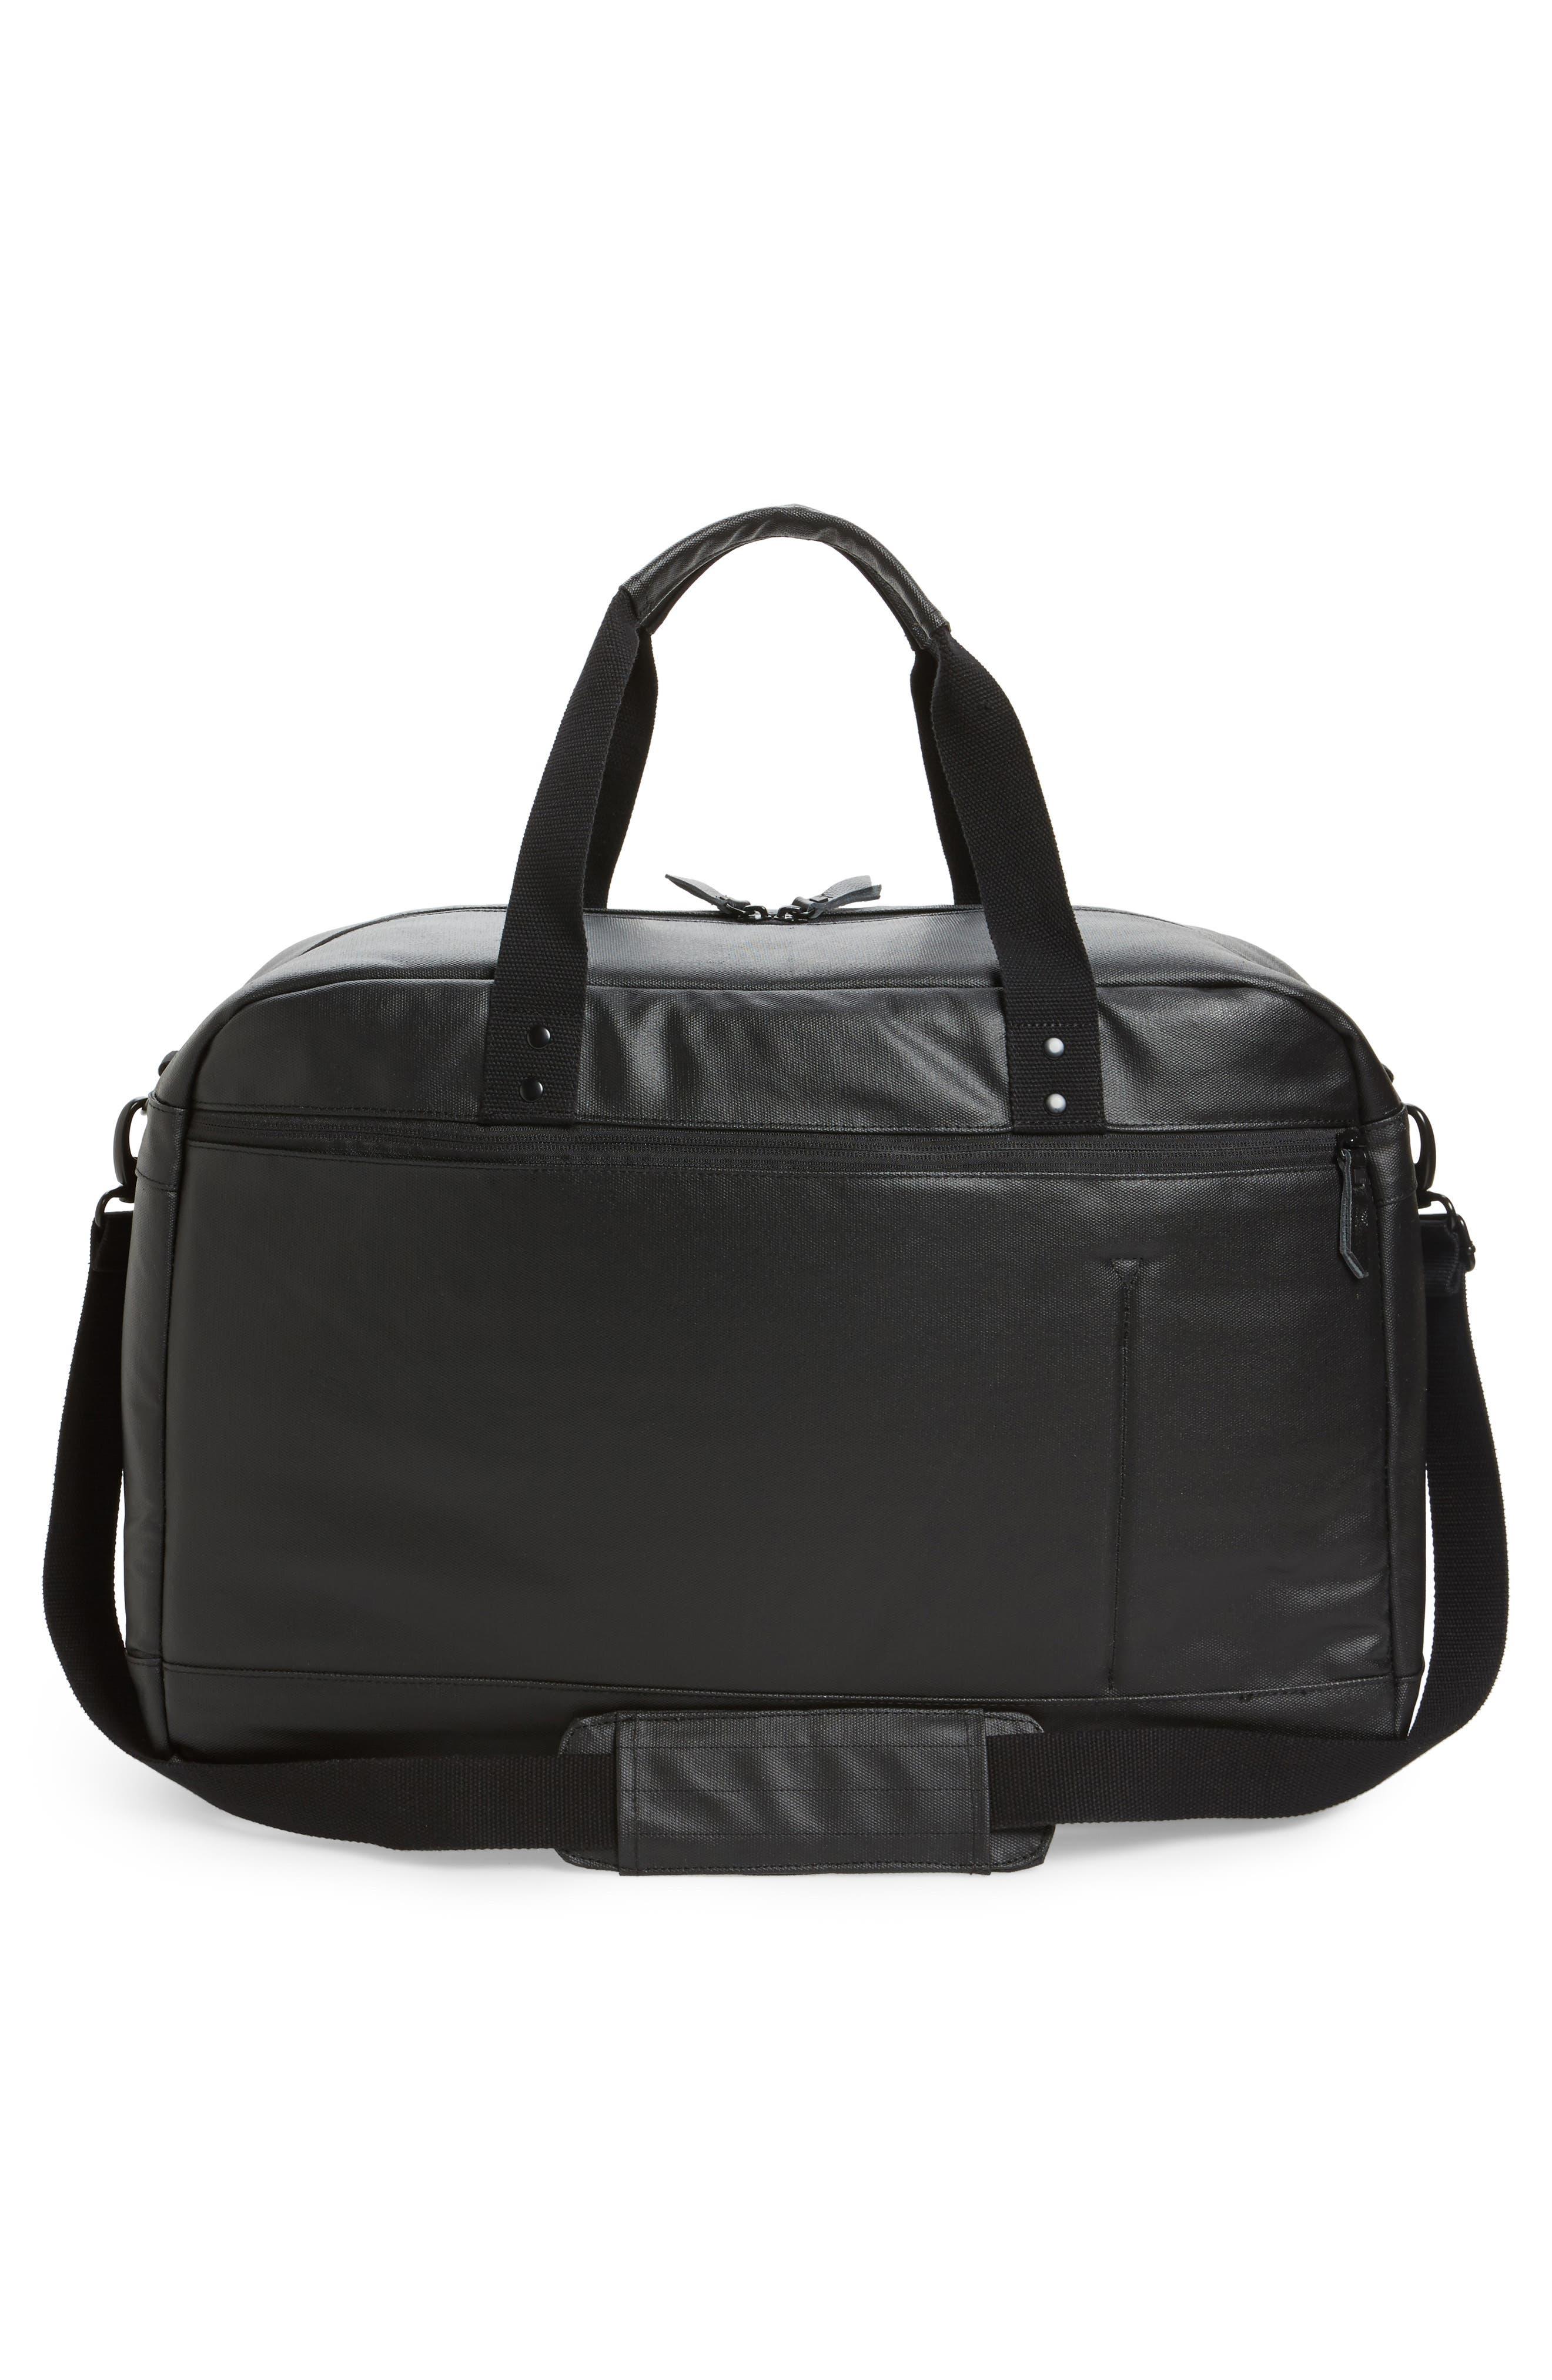 Calibre Duffel Bag,                             Alternate thumbnail 3, color,                             001